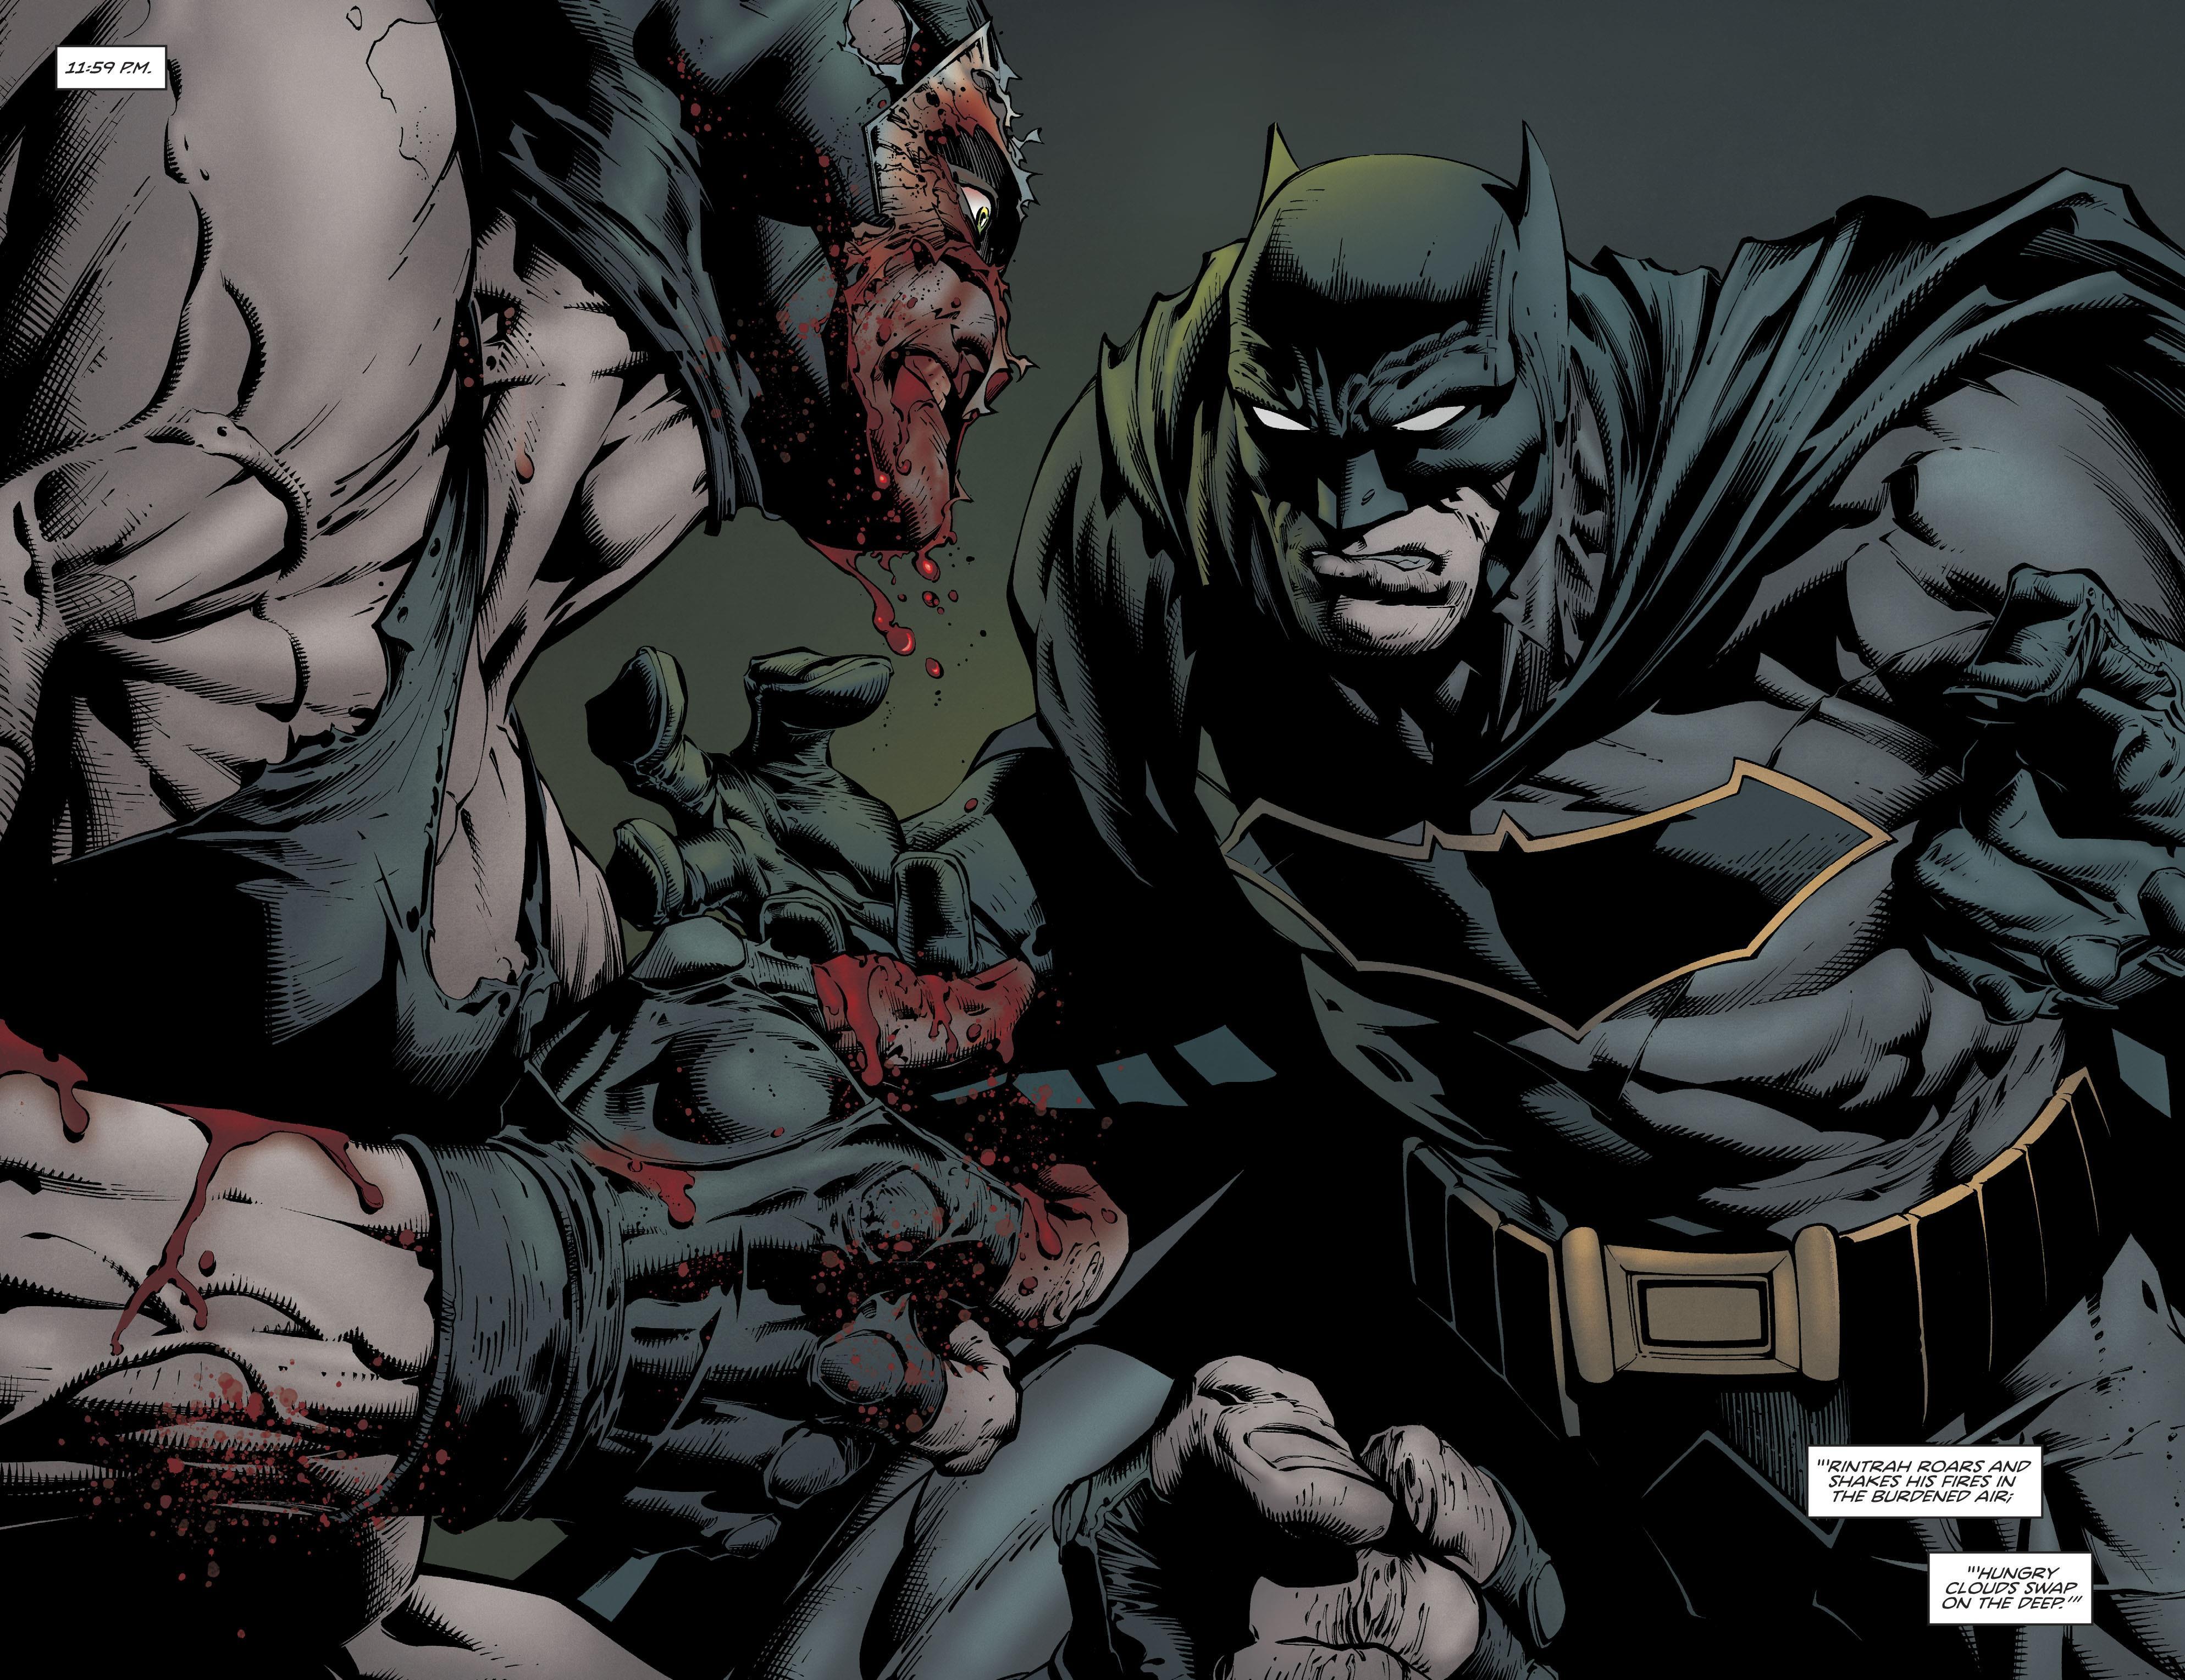 batman vs bane dc comics 4k uhd wallpaper wallpapersgg